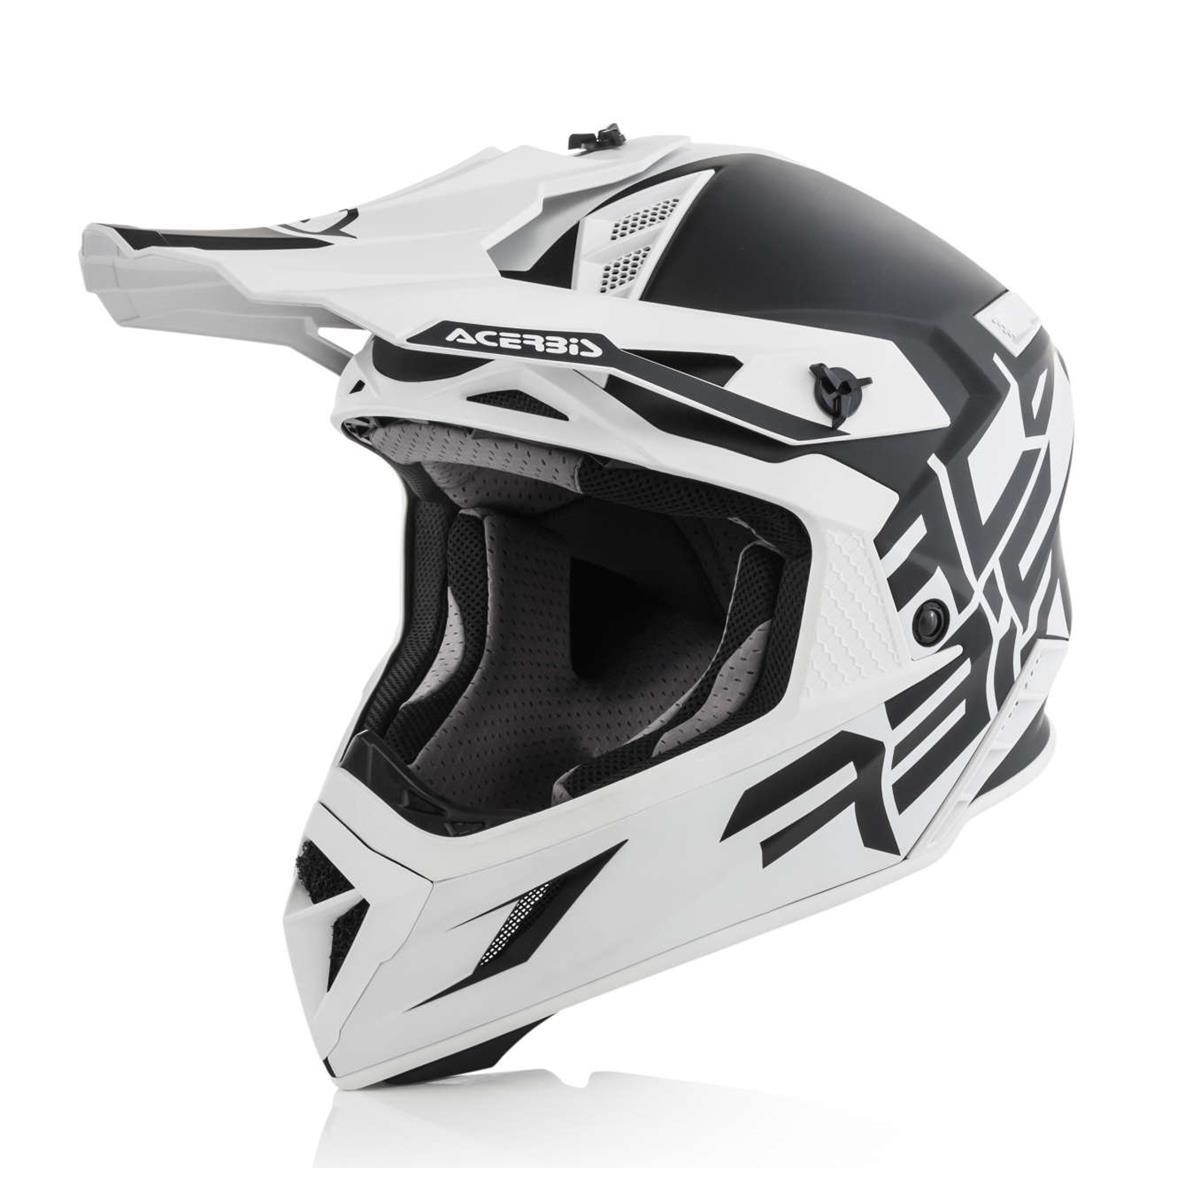 Acerbis Helm X Pro VTR Schwarz/Weiß